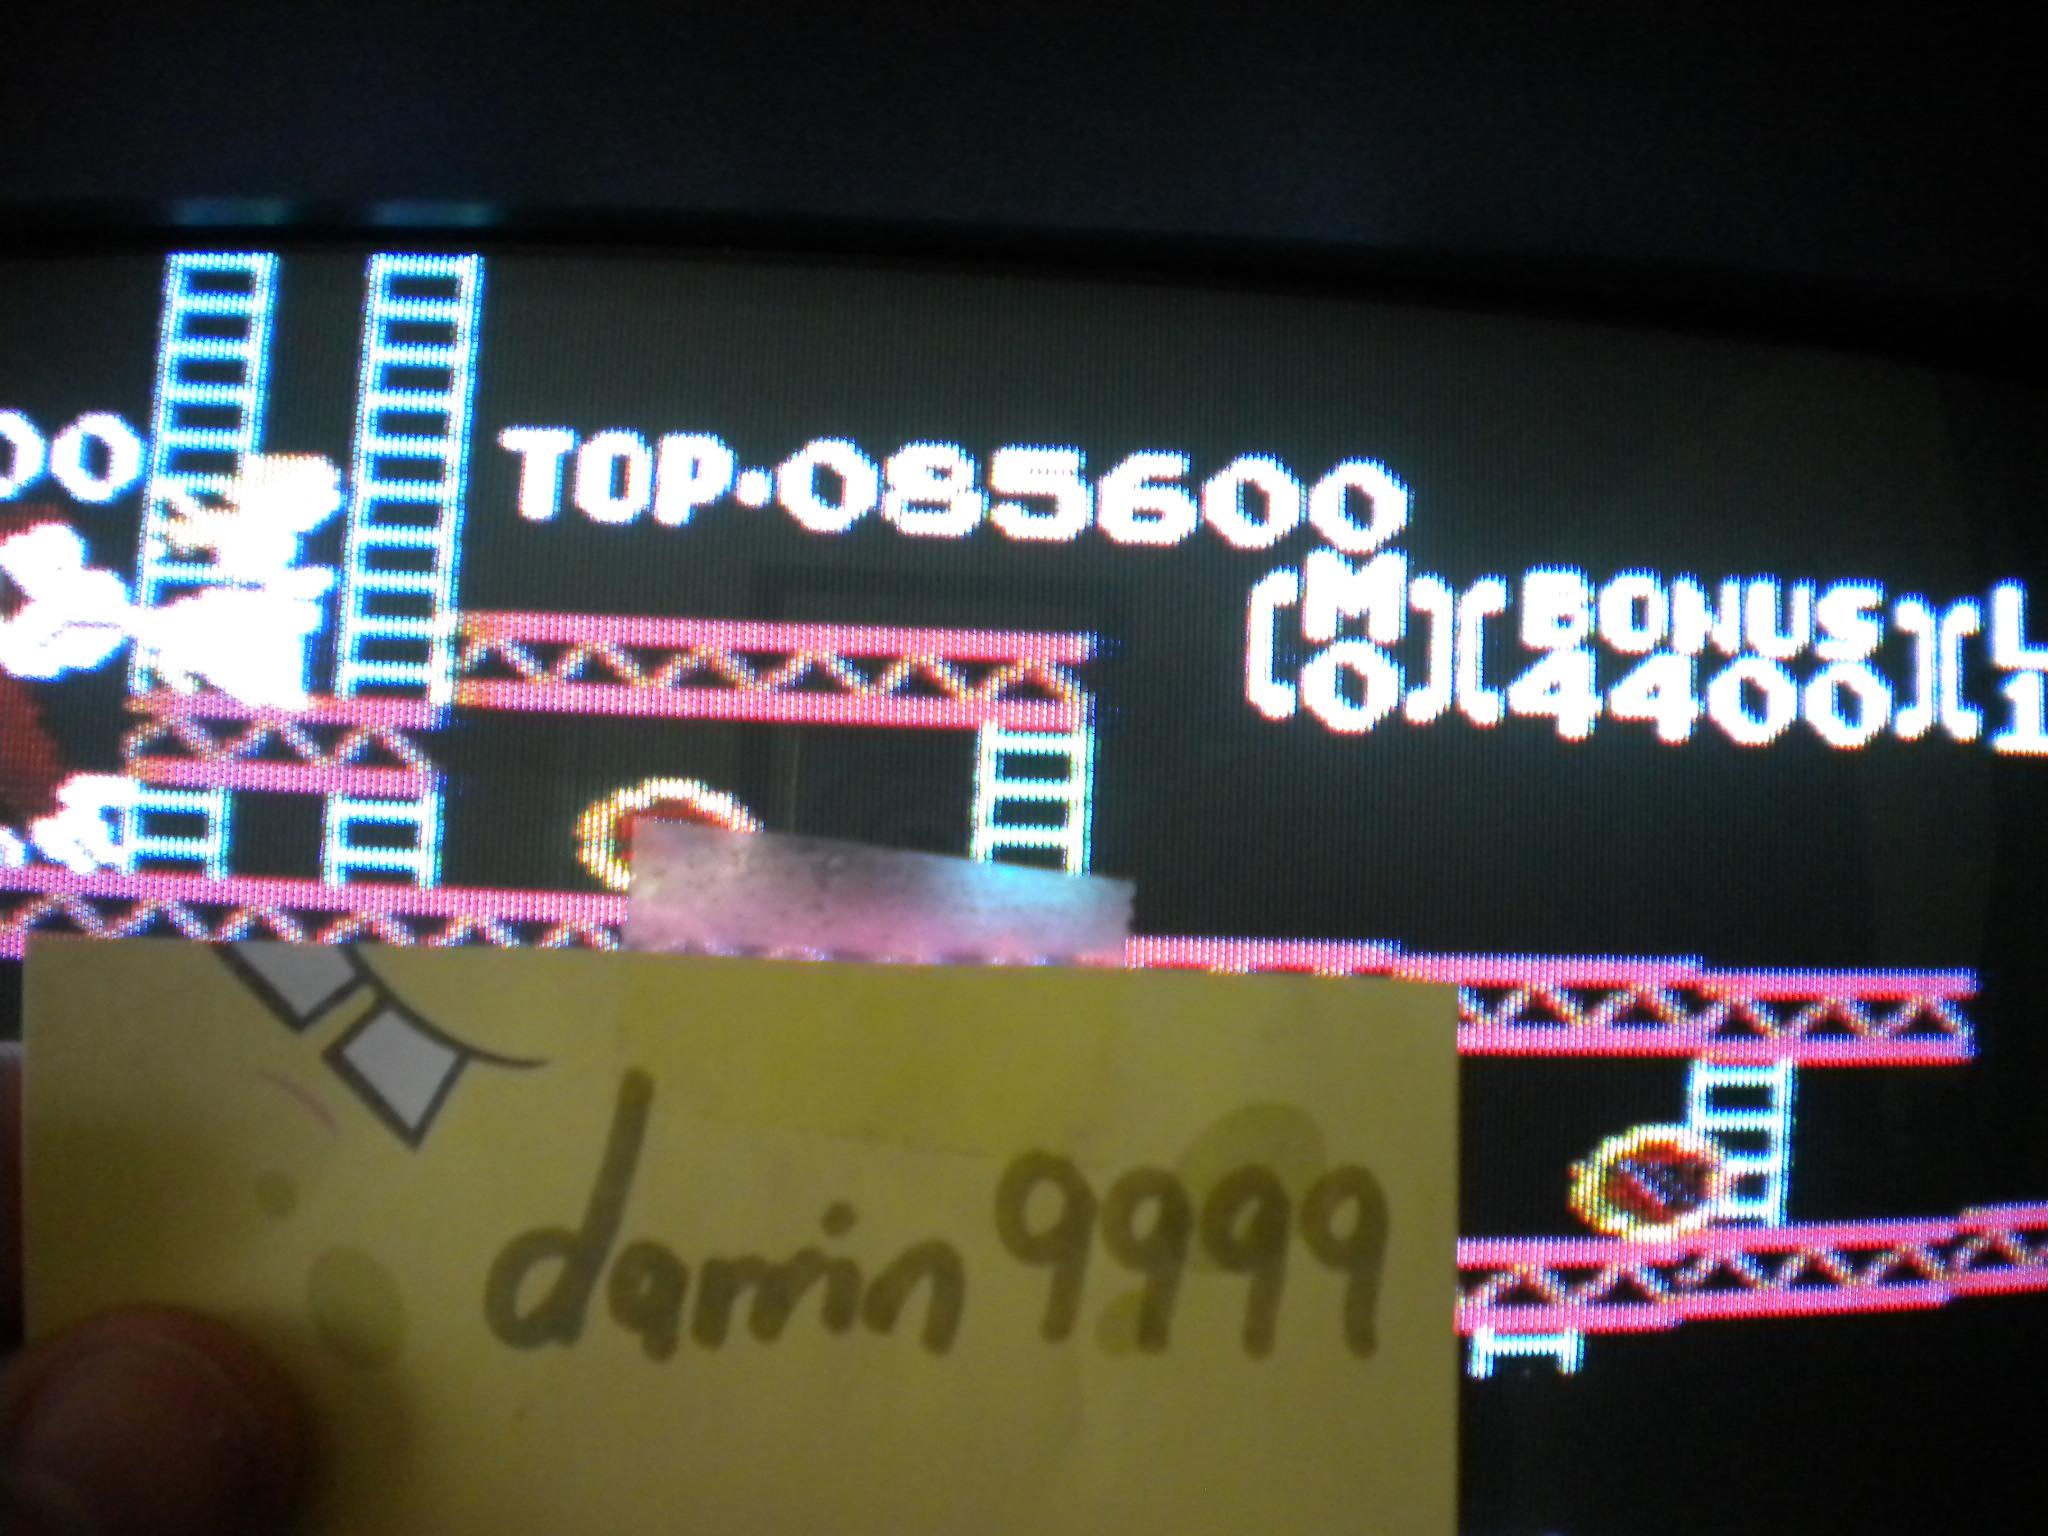 Donkey Kong 85,600 points